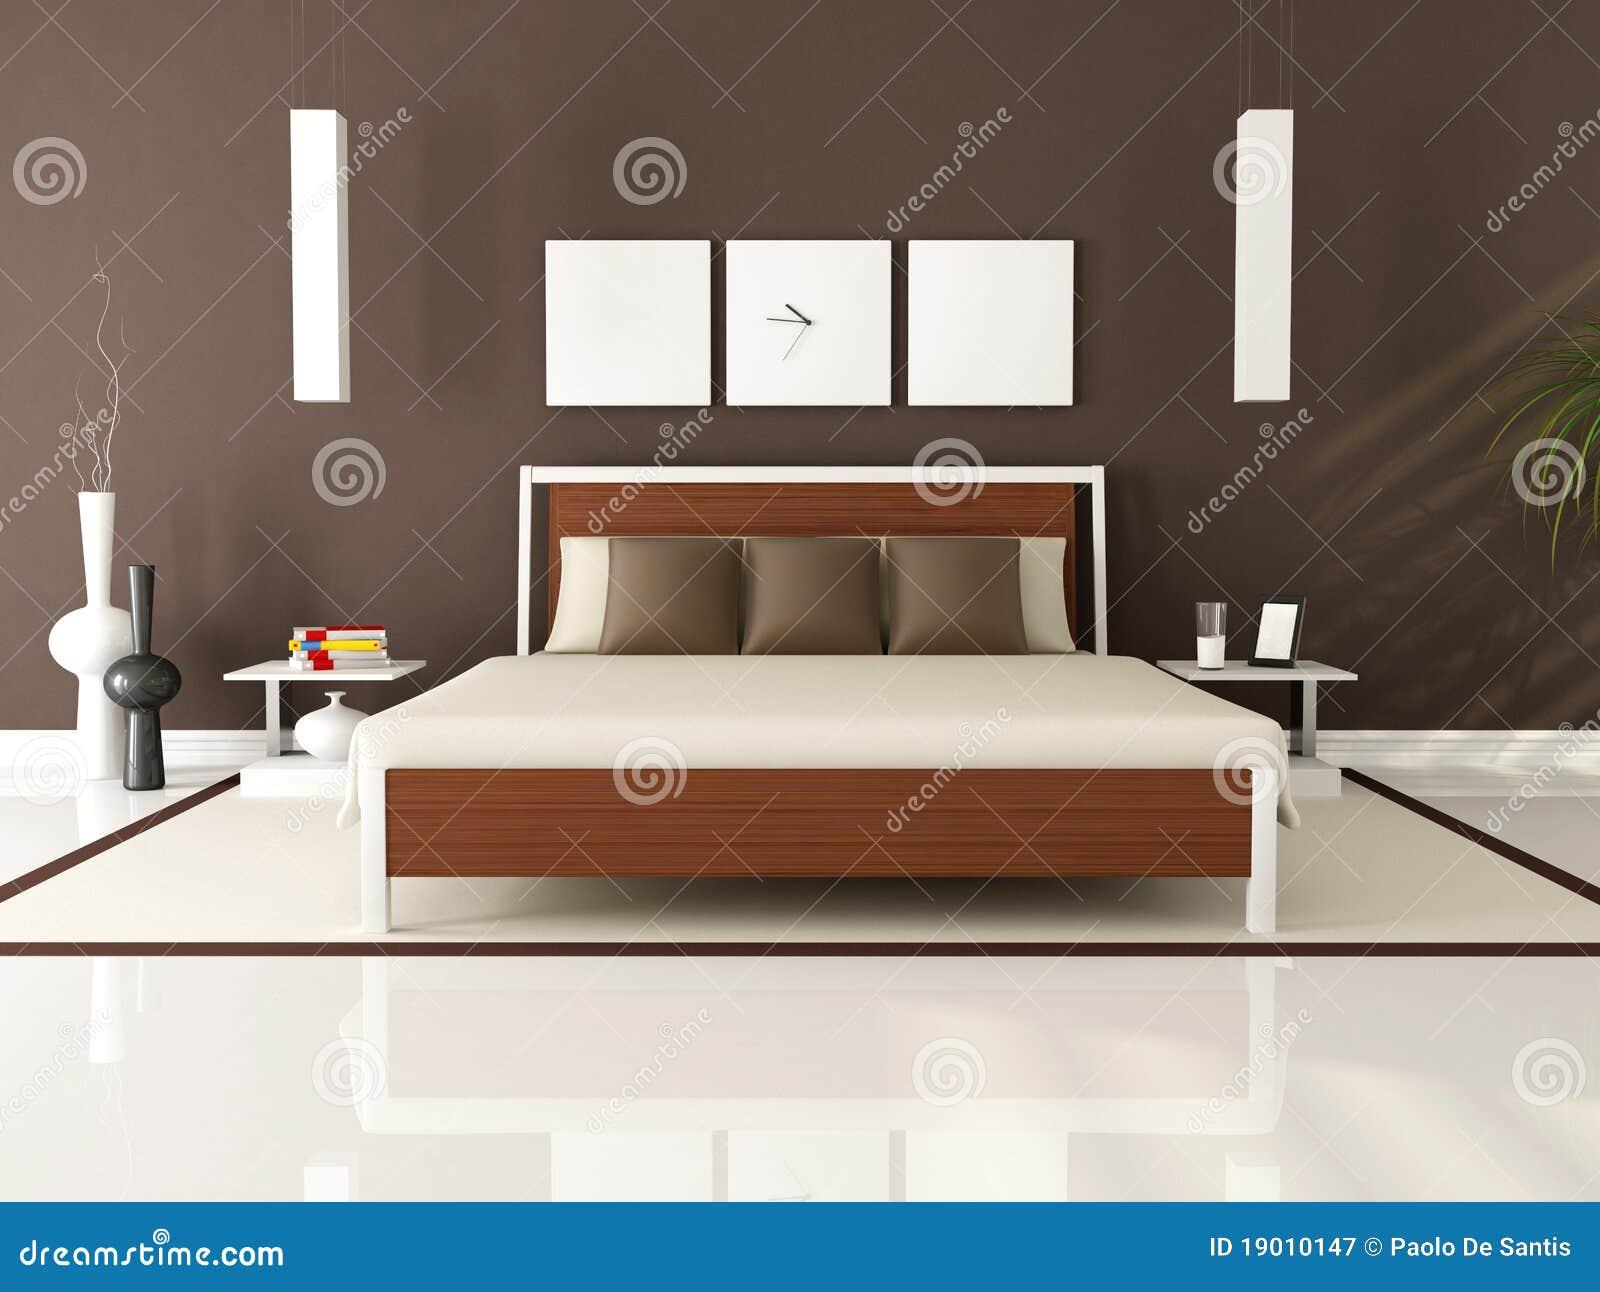 Camera da letto marrone elegante contemporanea - rappresentazione.